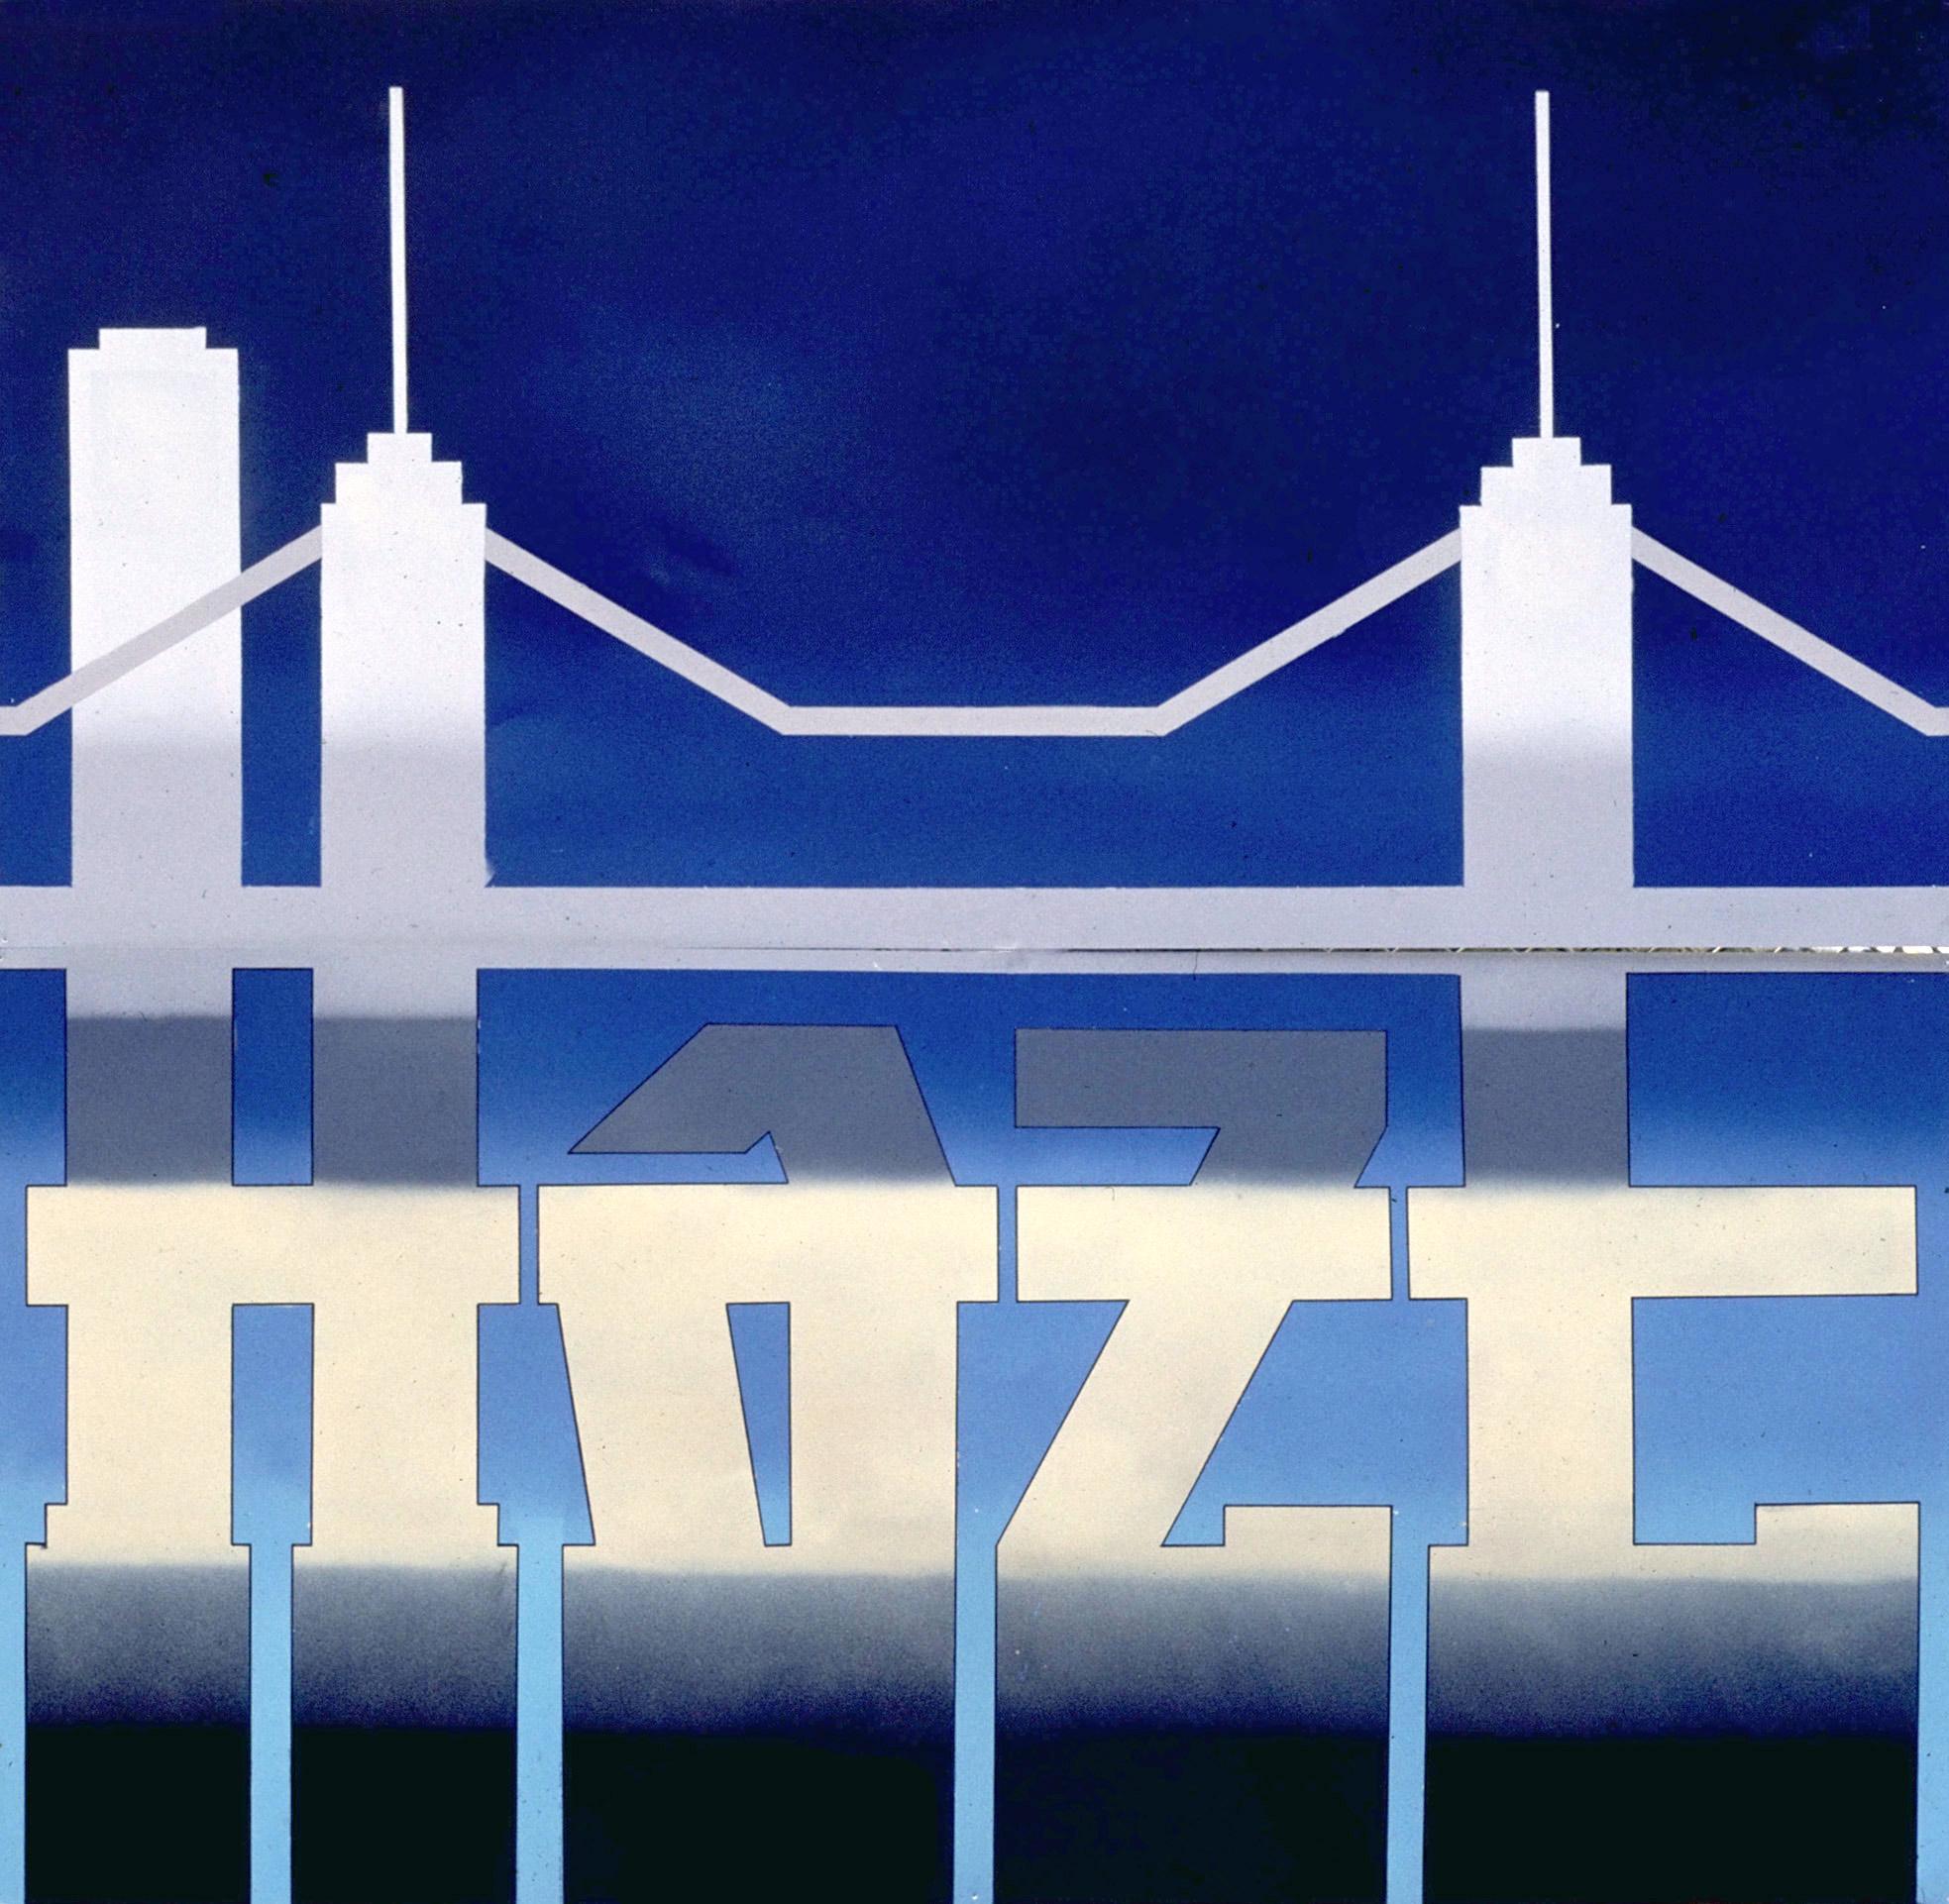 Eric Haze 1981 Bridge